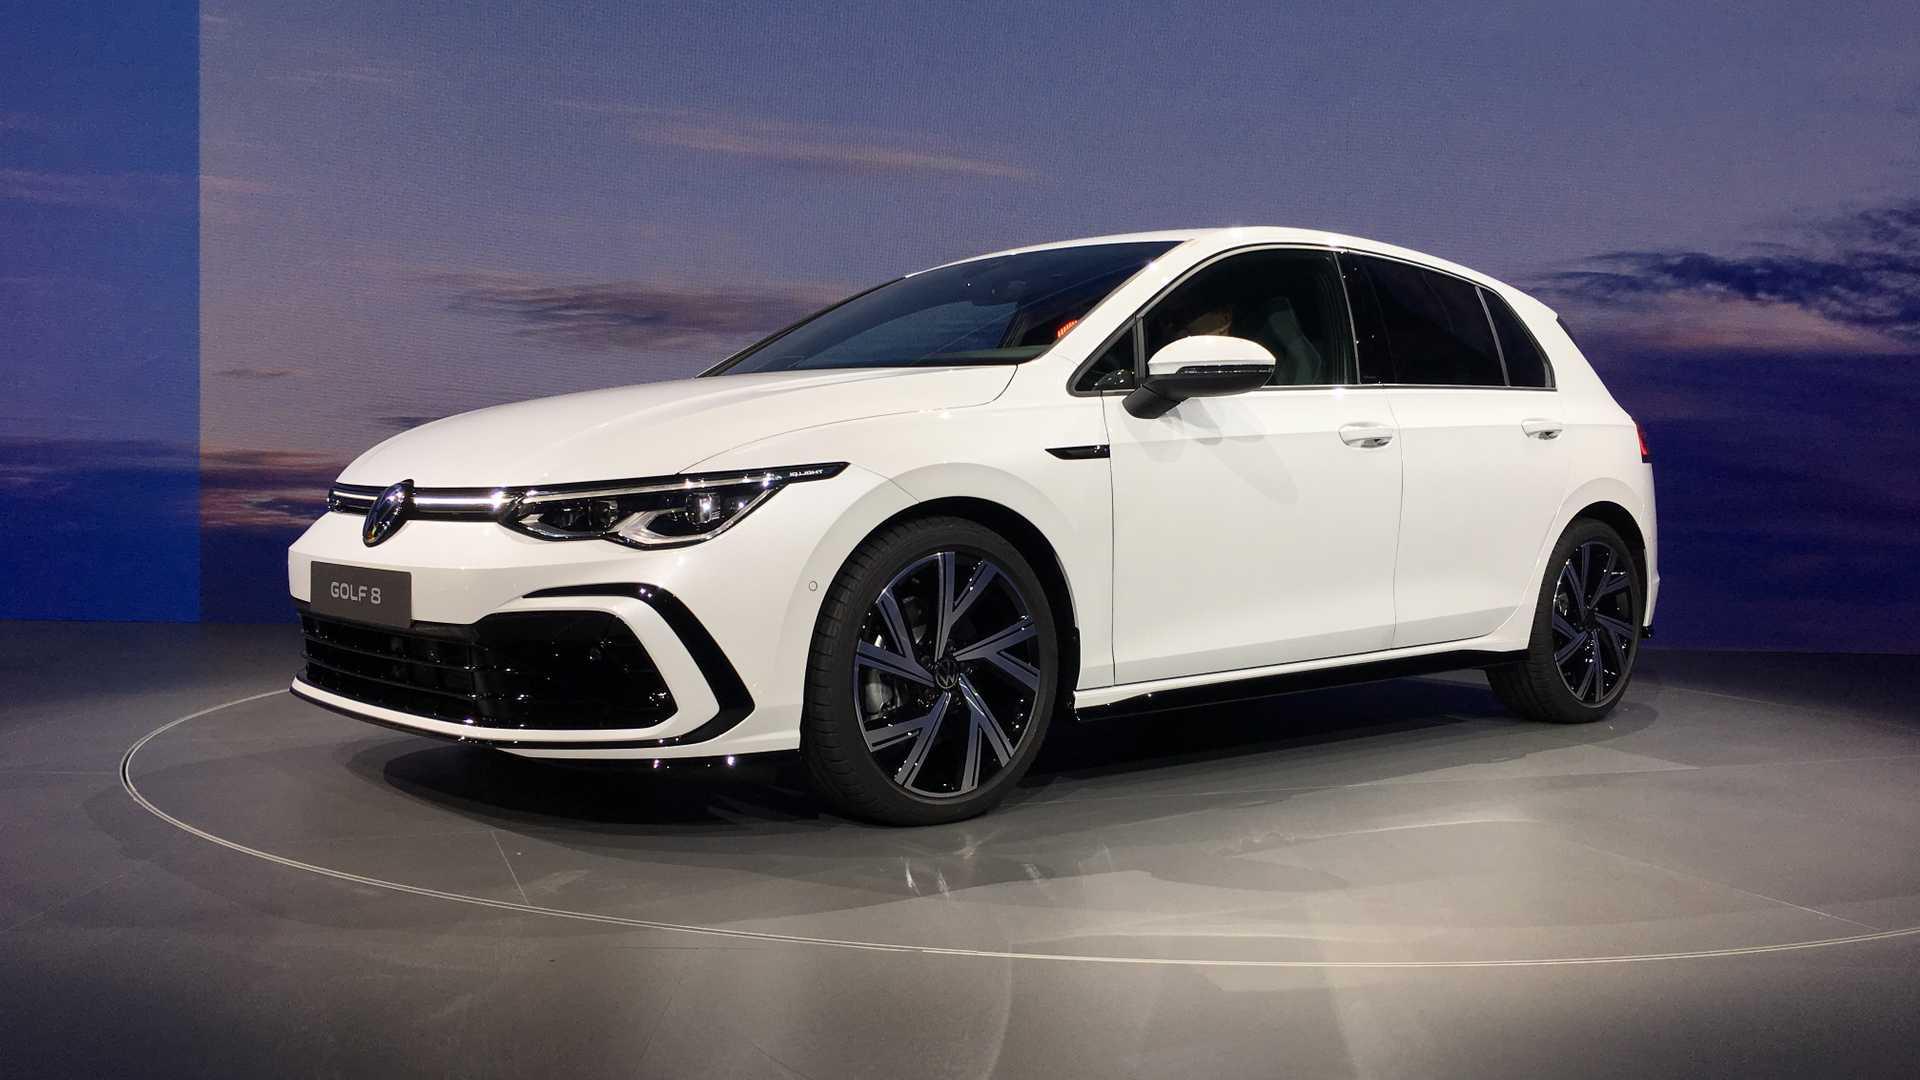 Живые фото и обзор нового Volkswagen Golf 8 2020